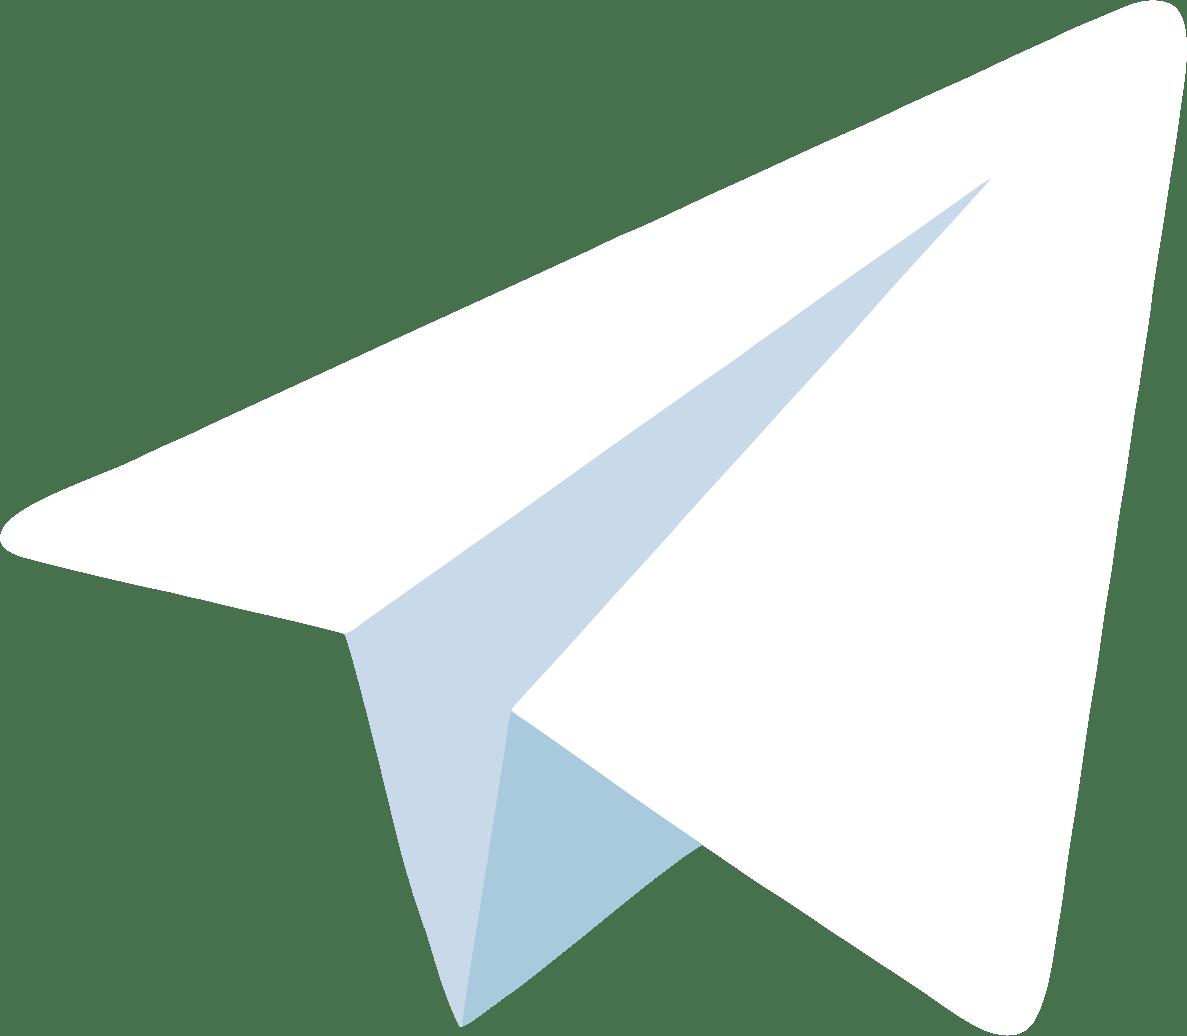 ТелеГид — все о Telegram